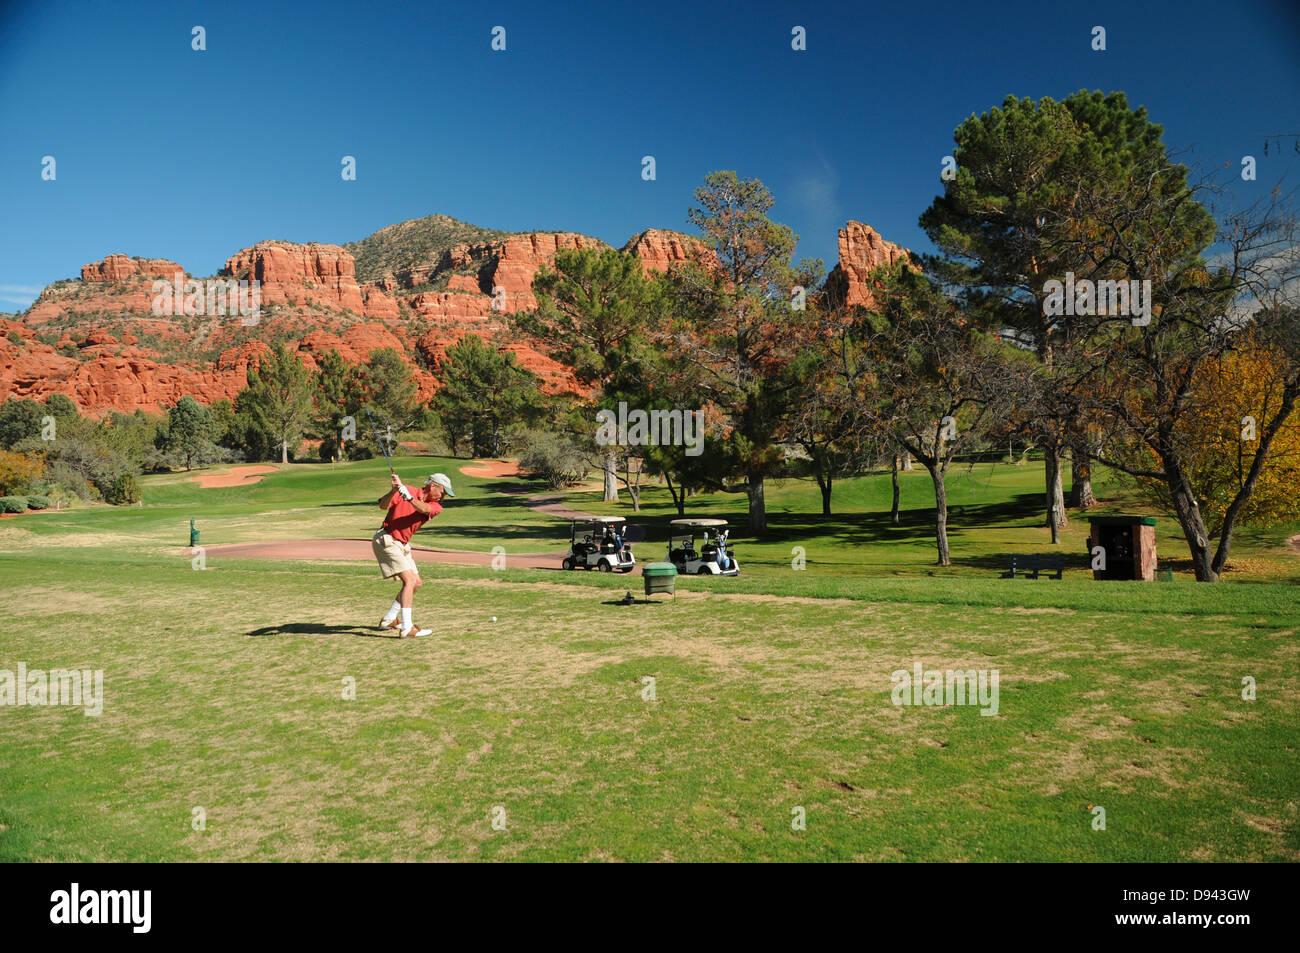 Oak Creek Country Club golf course à Sedona, Arizona entouré par des formations de roche rouge Photo Stock